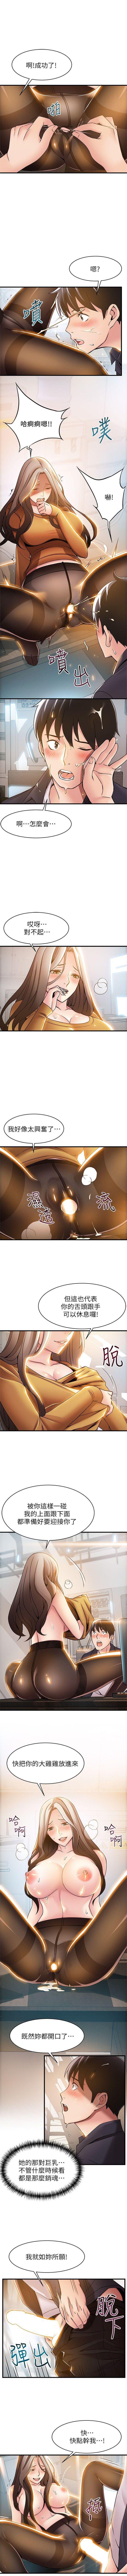 (週7)弱點 1-76 中文翻譯(更新中) 89